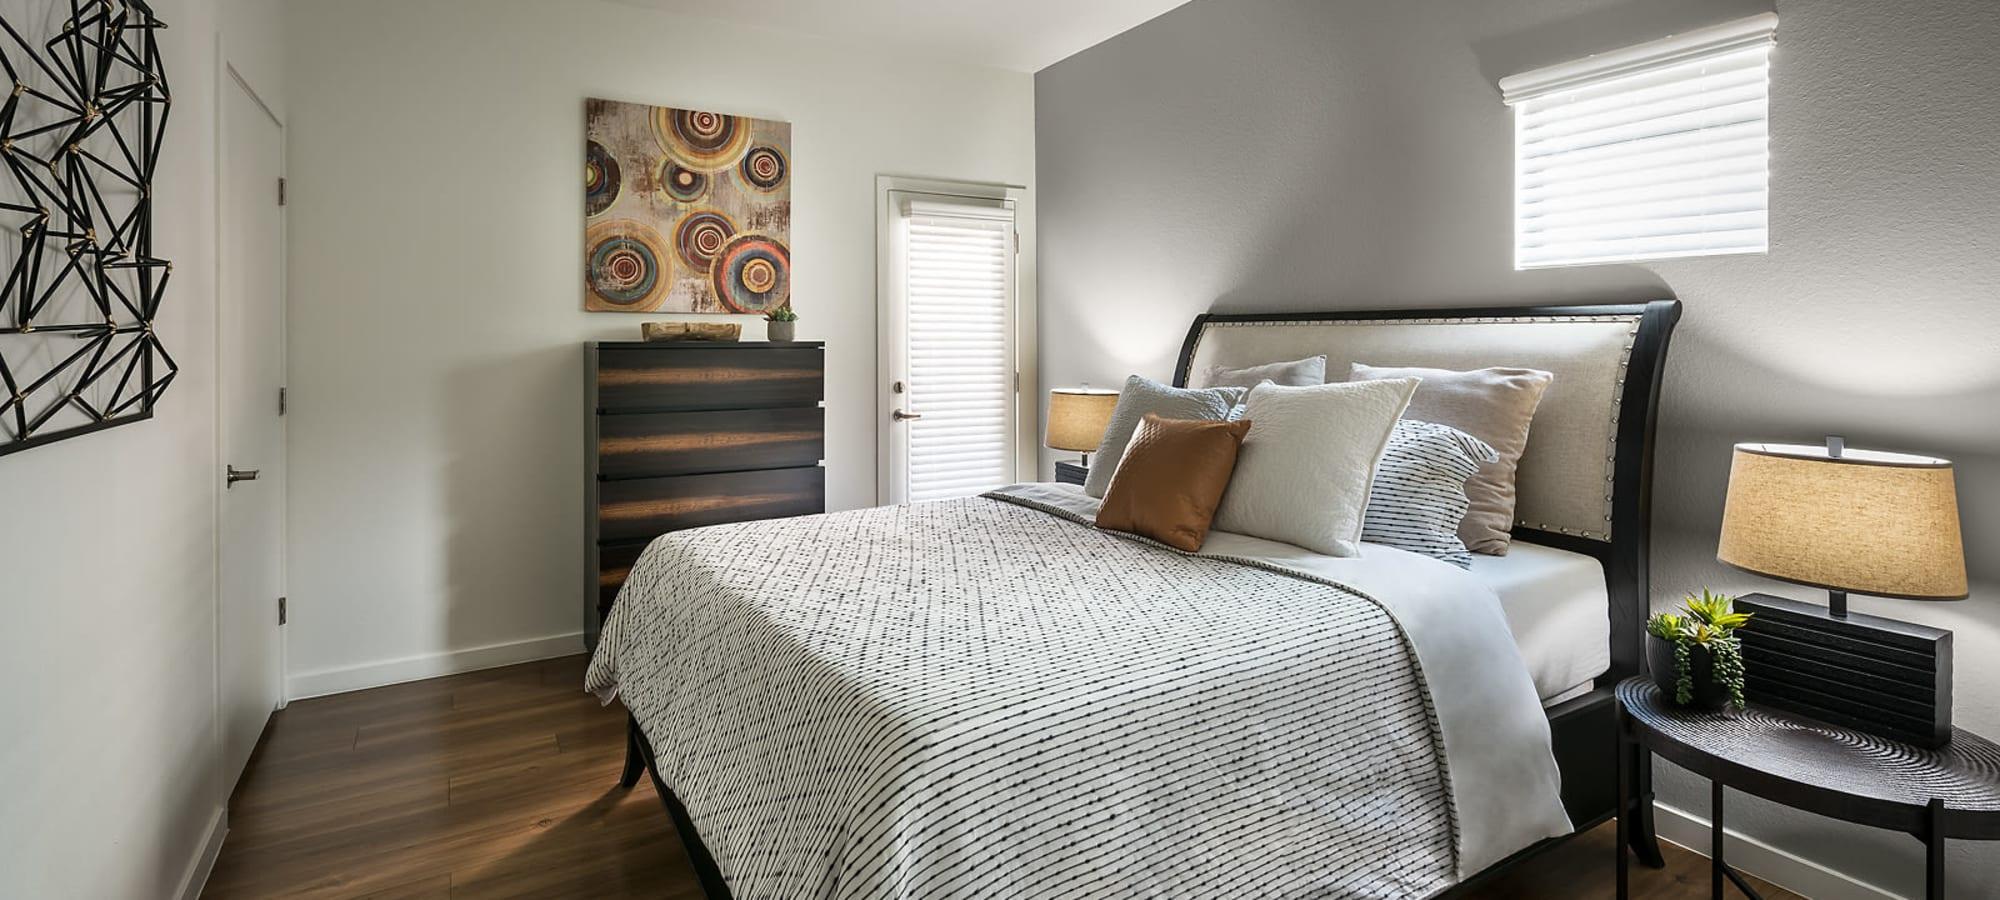 Bedroom with hardwood flooring at The Maxx 159 in Goodyear, Arizona